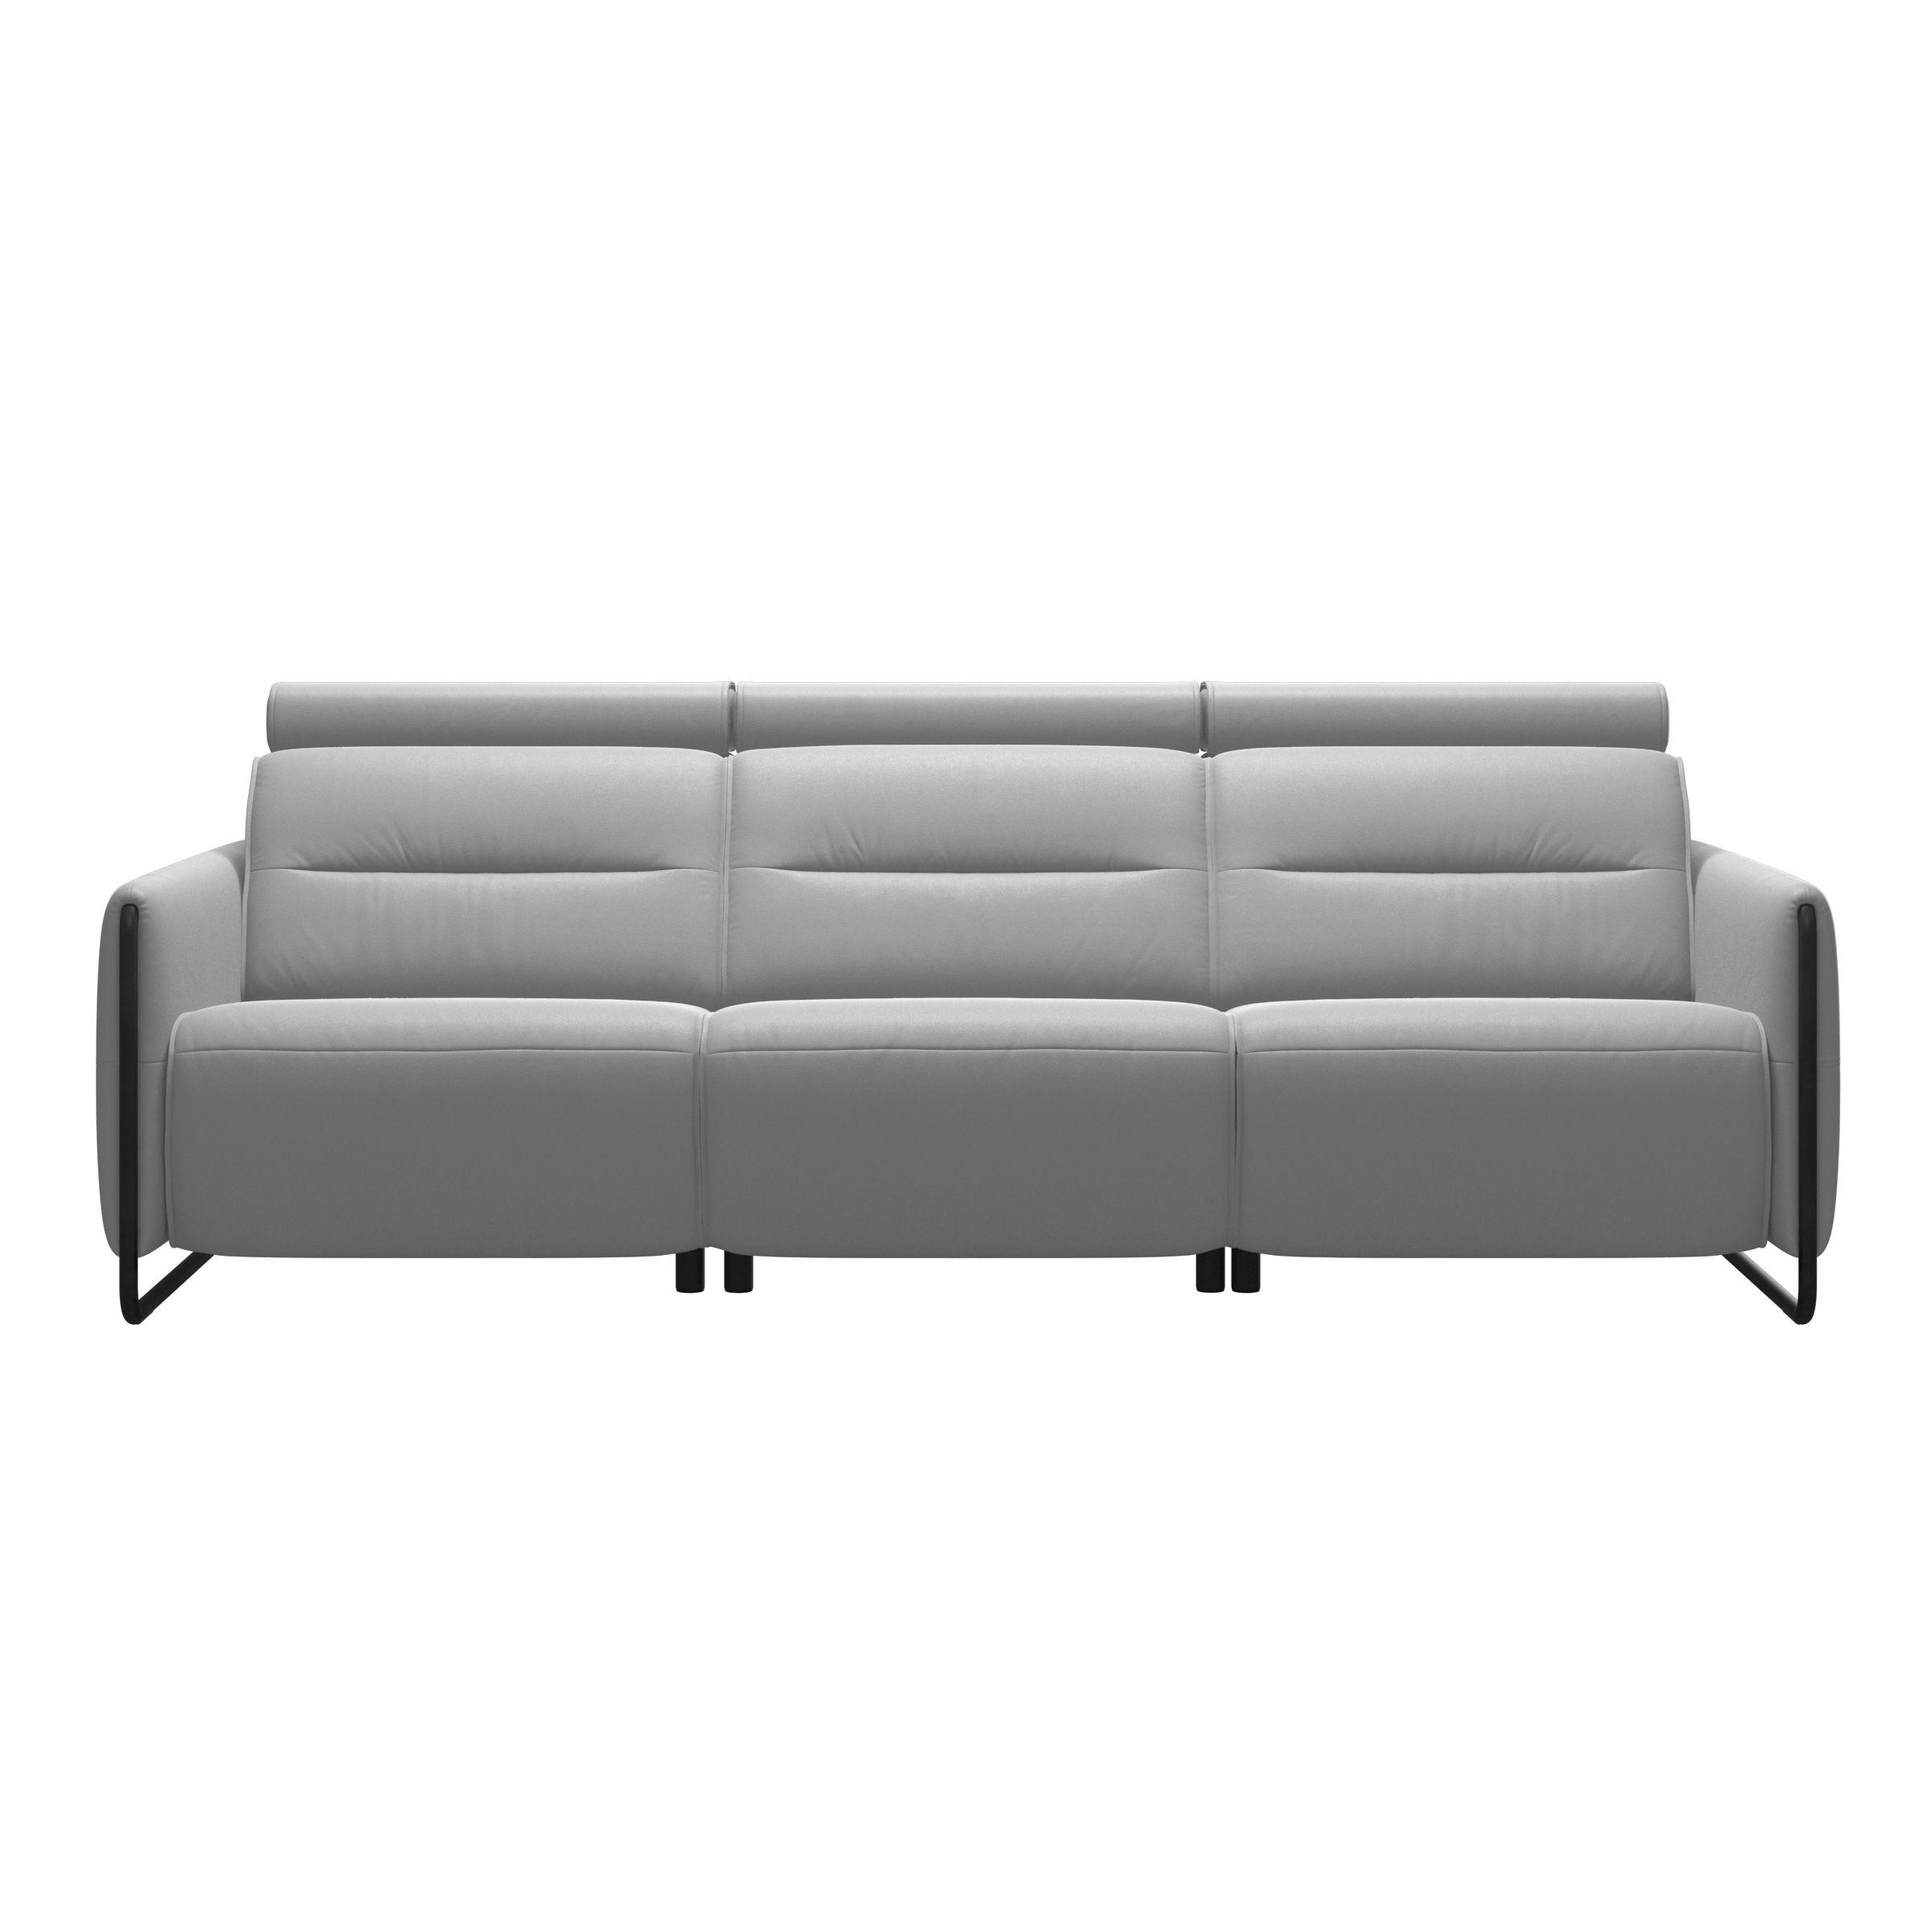 Full Size of Sofa Konfigurator Stressless Emily Mit Stahl Sofas Hersteller Englisches Rundes Big Kaufen Impressionen Schlaffunktion Antik 3 Sitzer Relaxfunktion Sofa Sofa Konfigurator